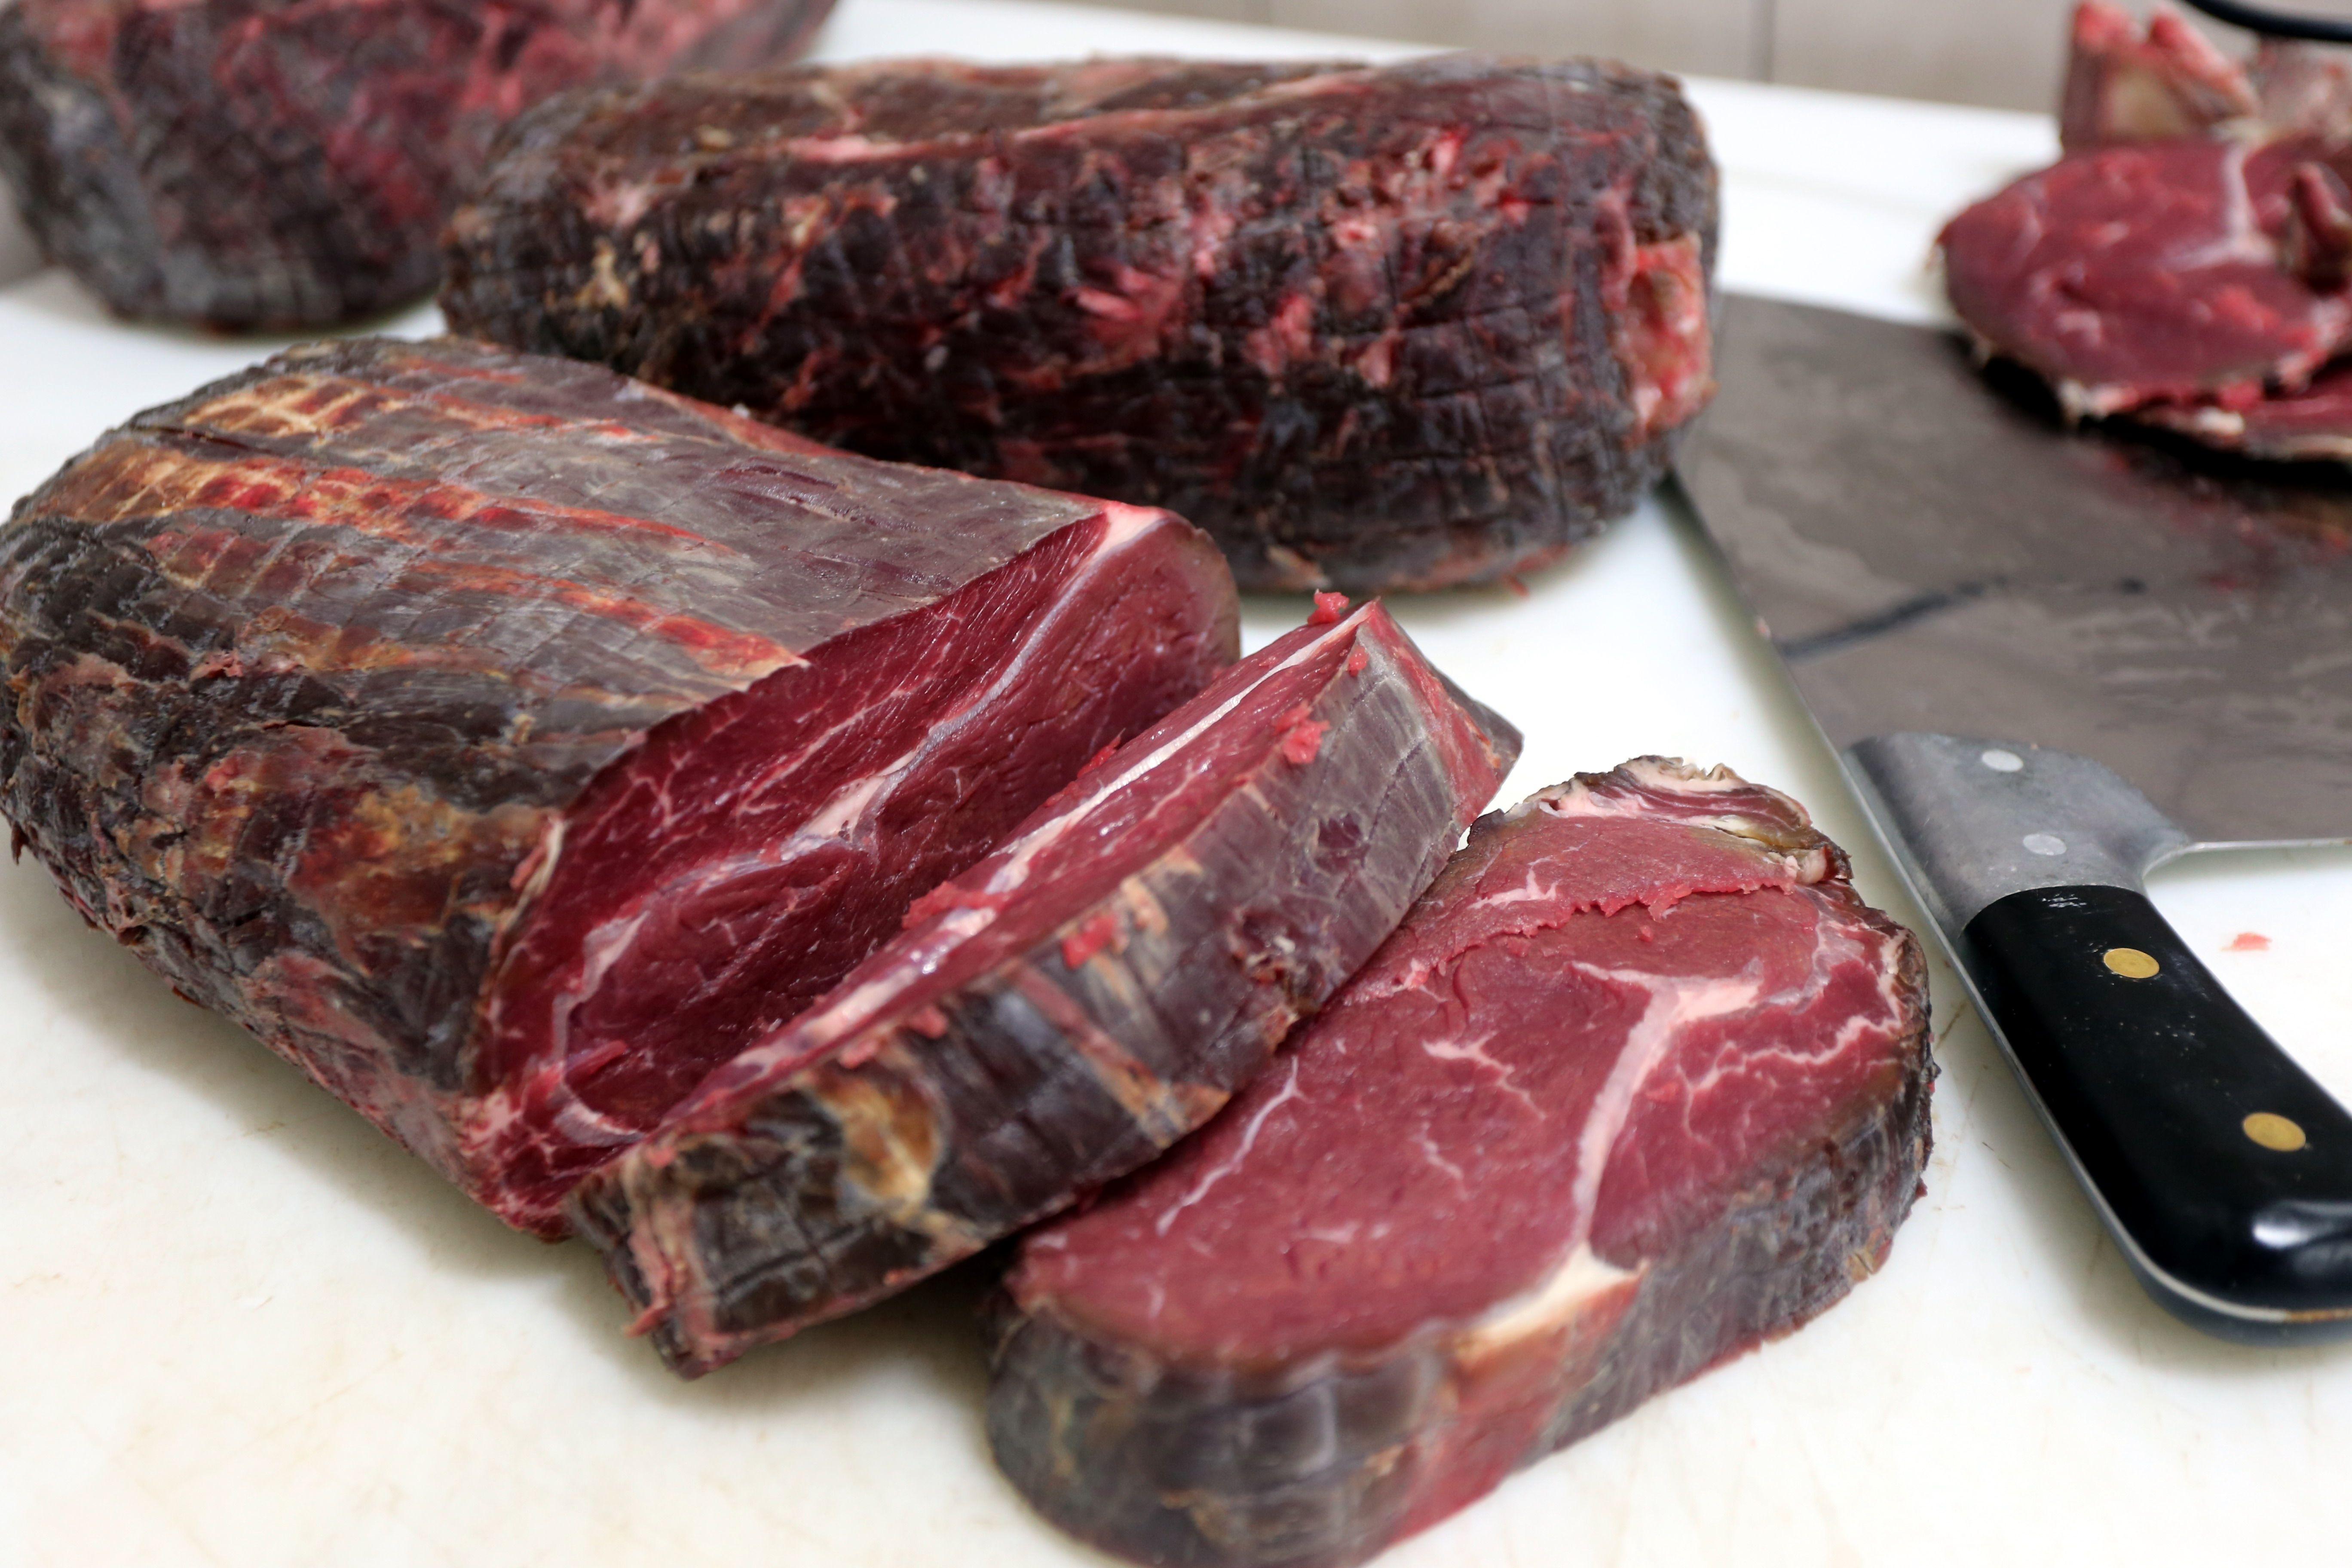 Entrecote Steak Dry Aged V Procesu Priprave Www Stari Pisker Com Staripisker Slovenia Celje Steak Steakhouse Restaurante Dry Aged Beef Aged Beef Beef